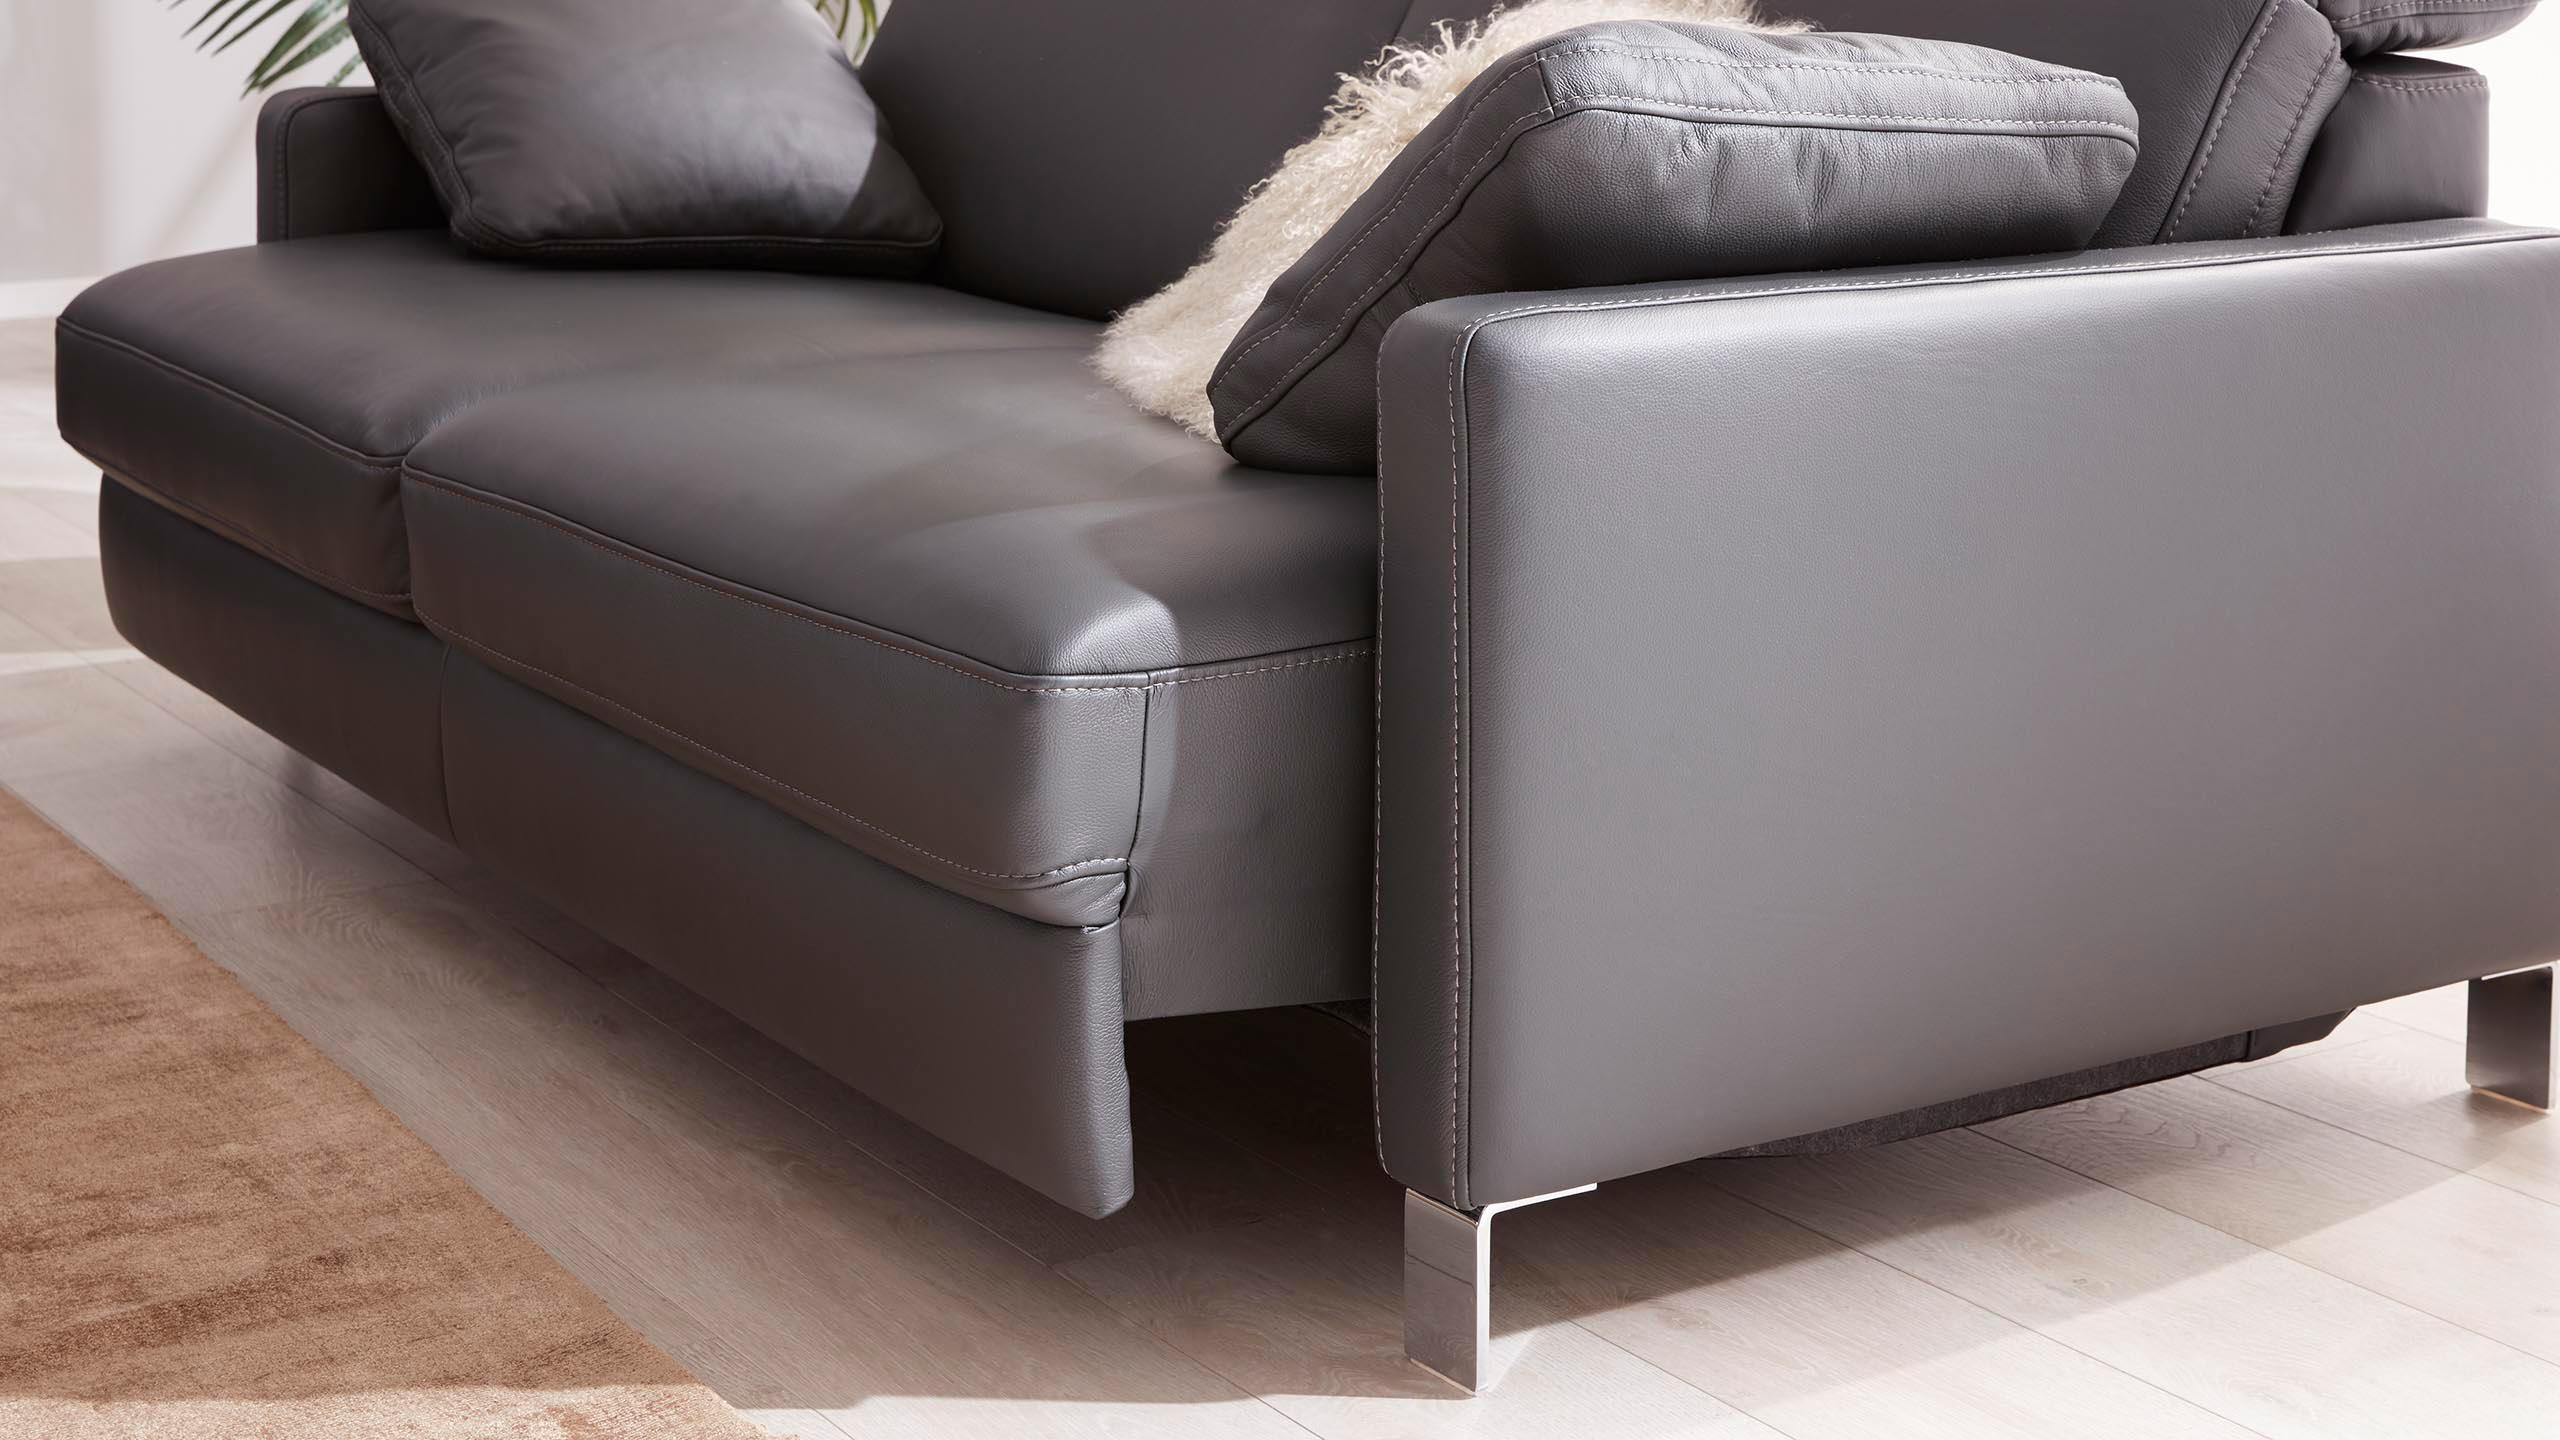 Interliving Sofa Serie 4054 mit Zusatzfunktion